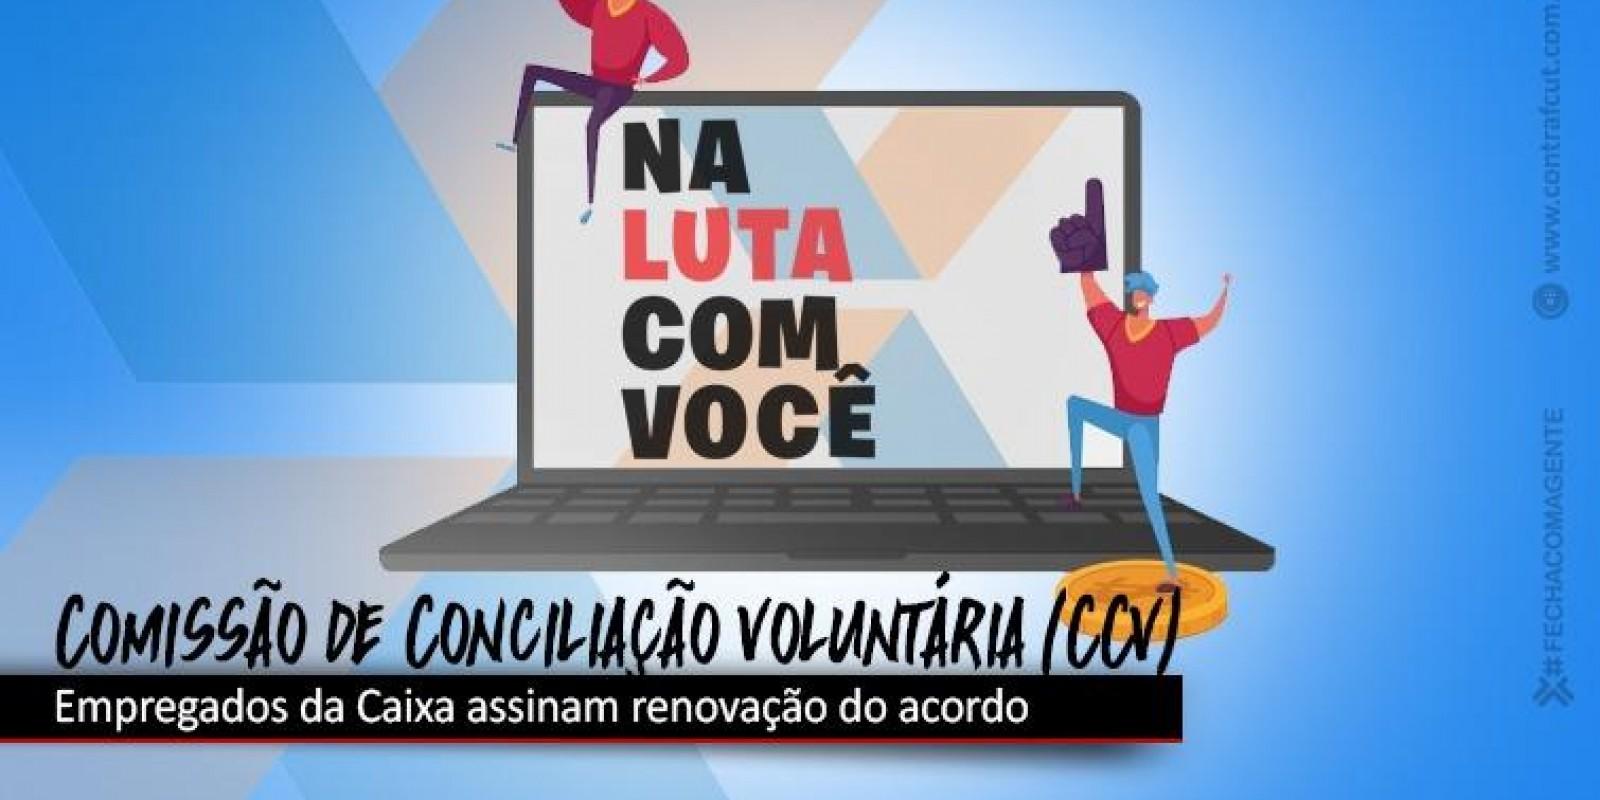 Empregados Caixa assinam a renovação do acordo da CCV